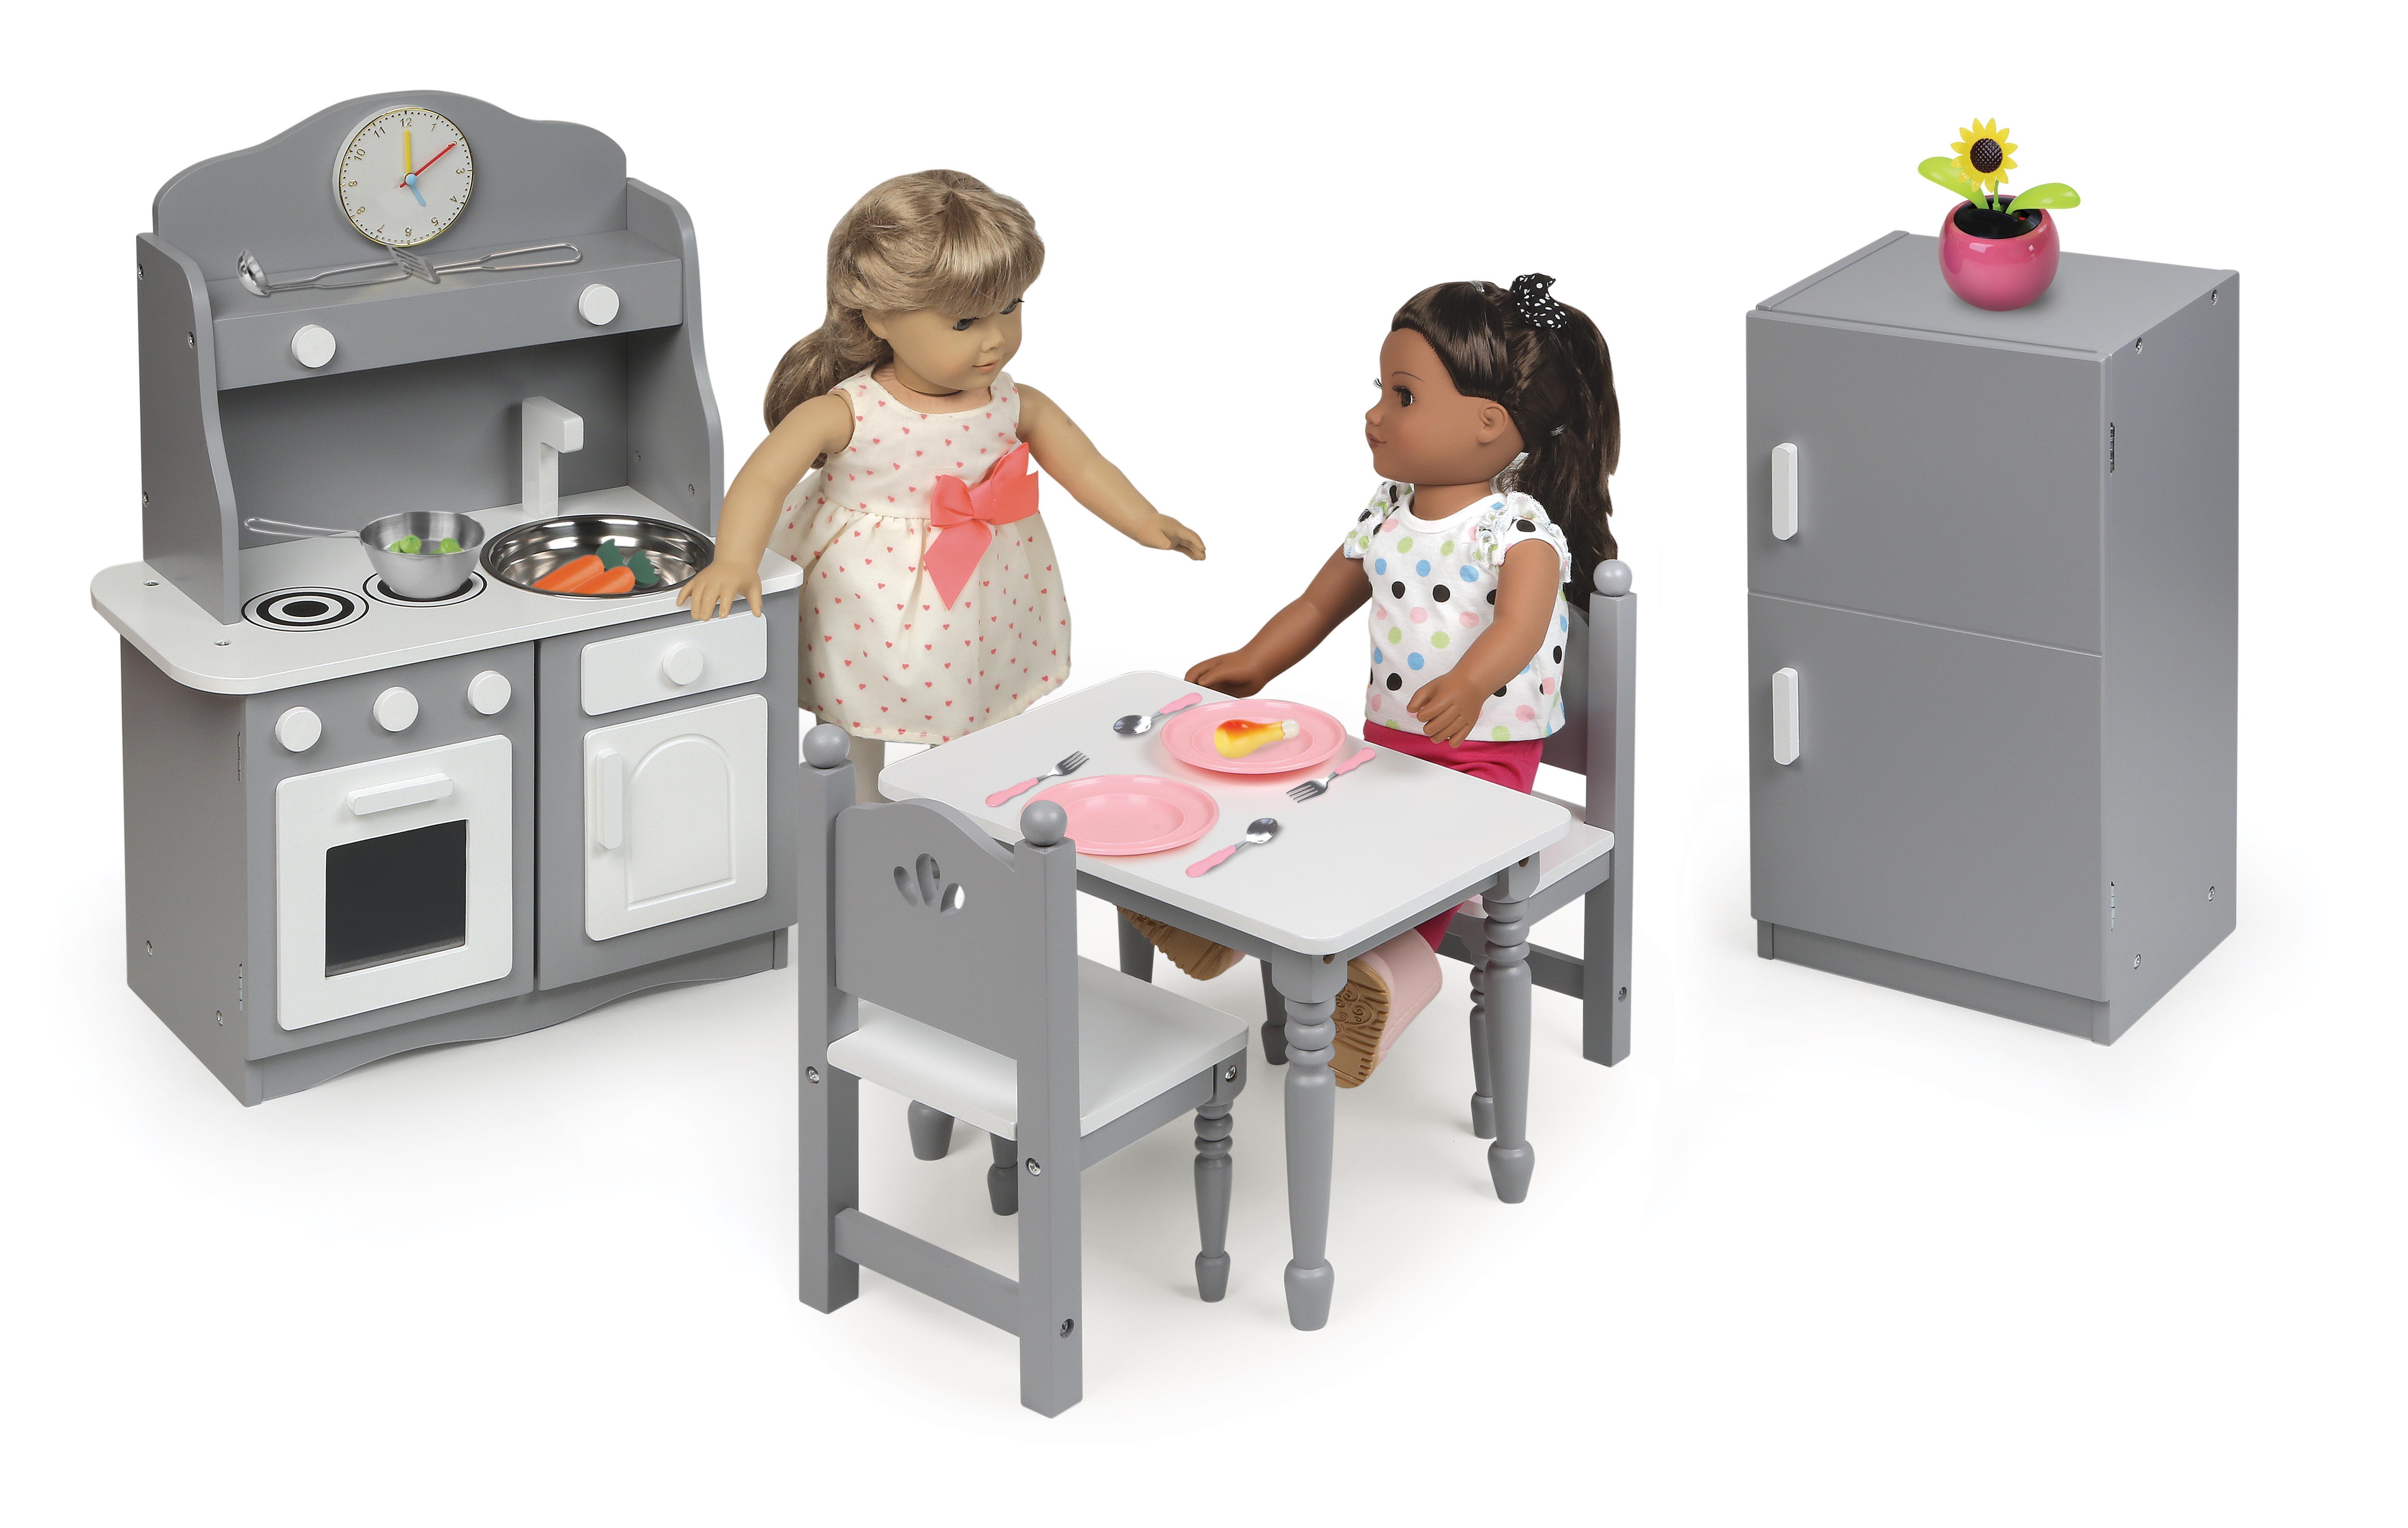 Badger Basket Kitchen Furniture Set For 18 Inch Dolls Gray White